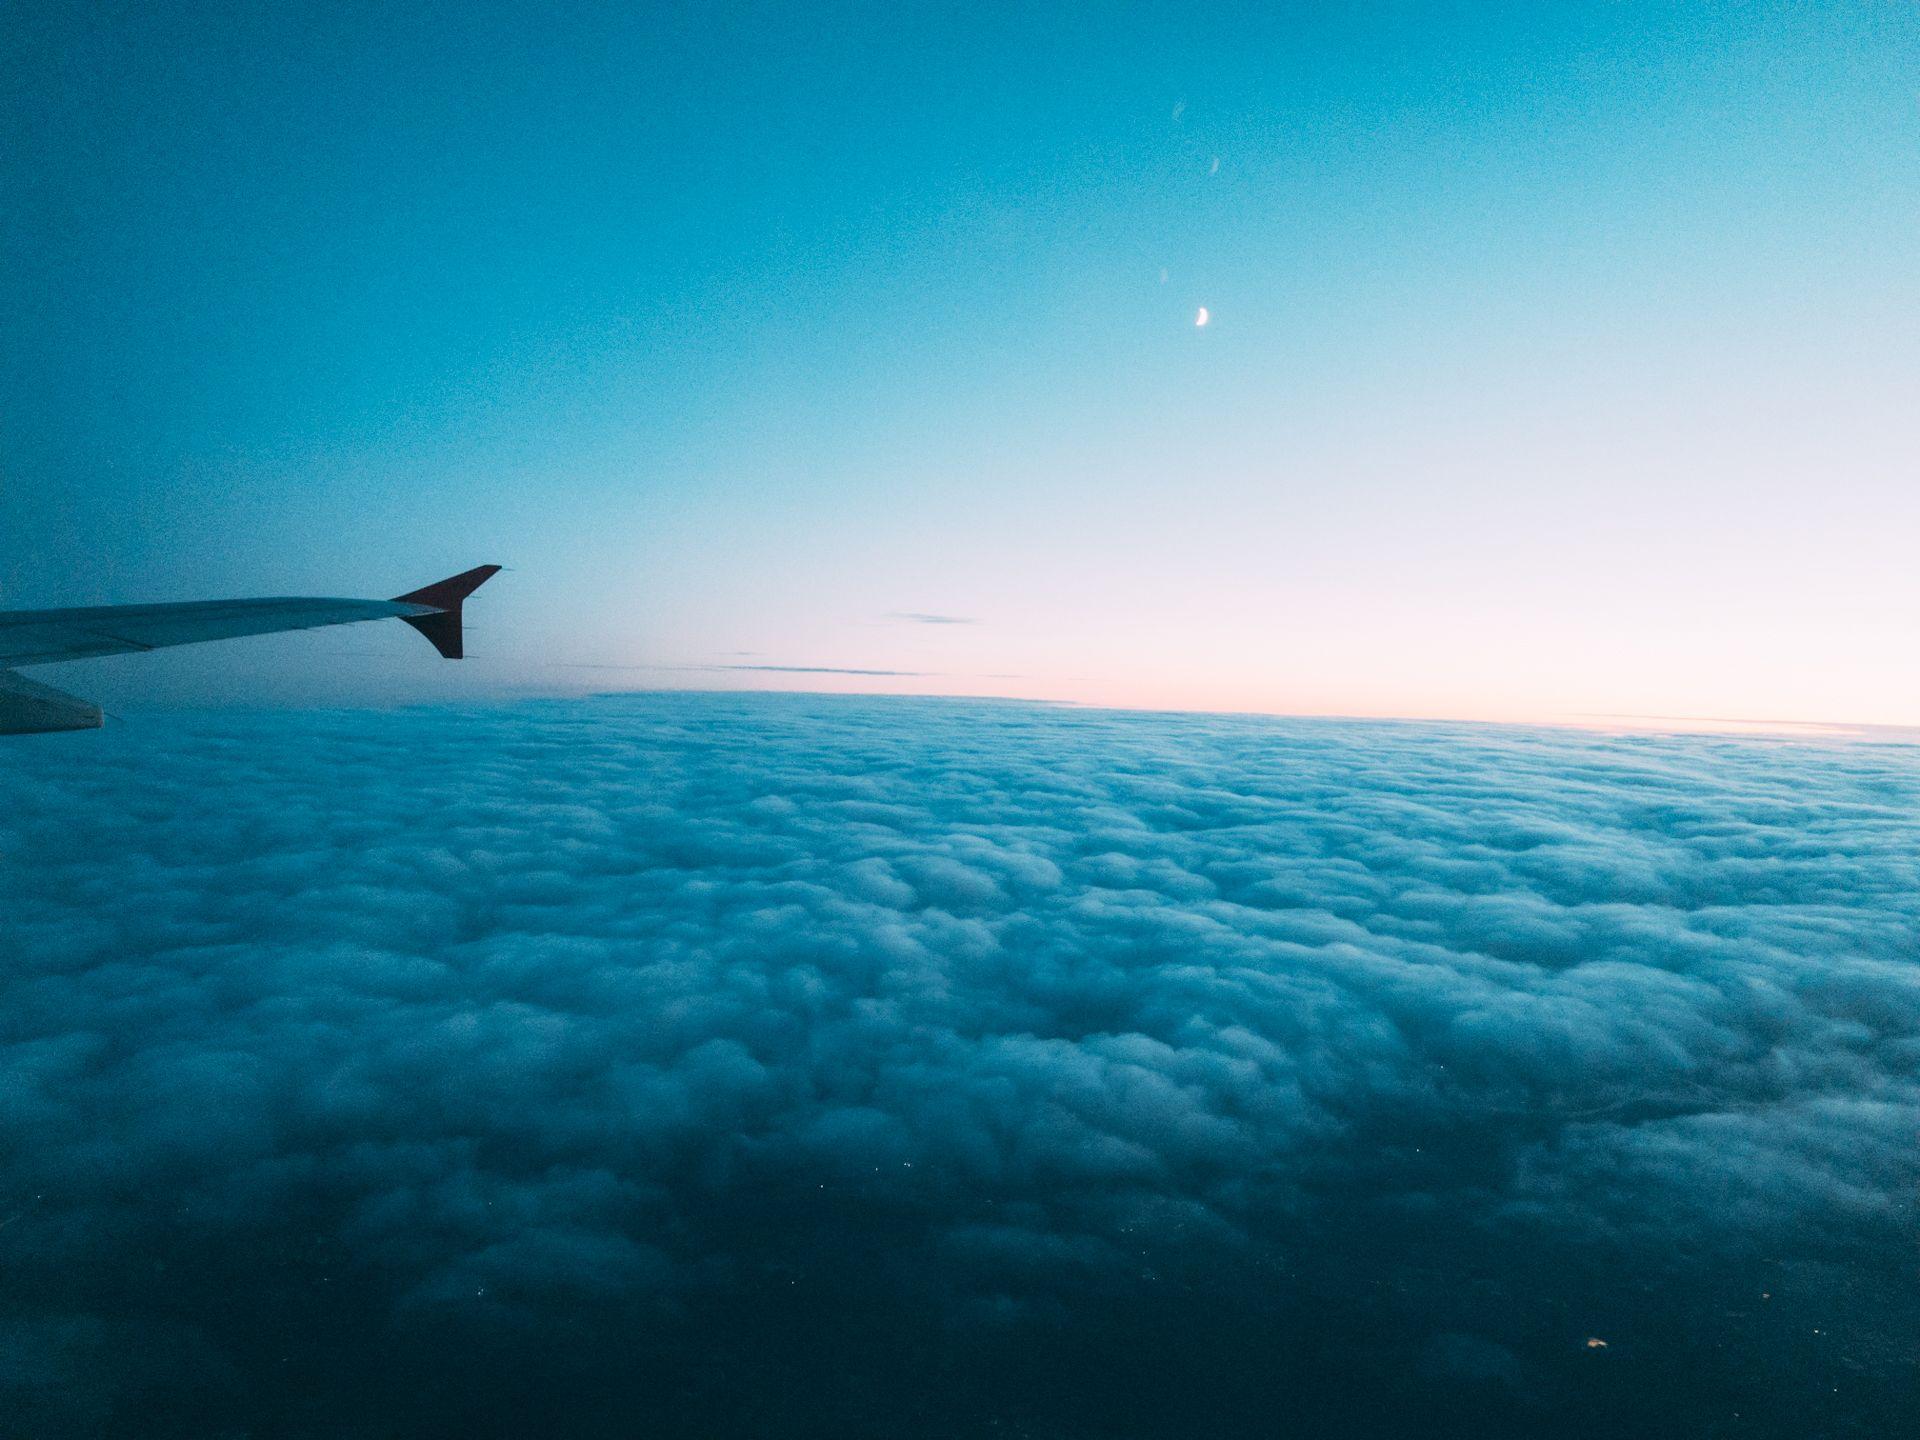 A photograph by Matthias Oberholzer